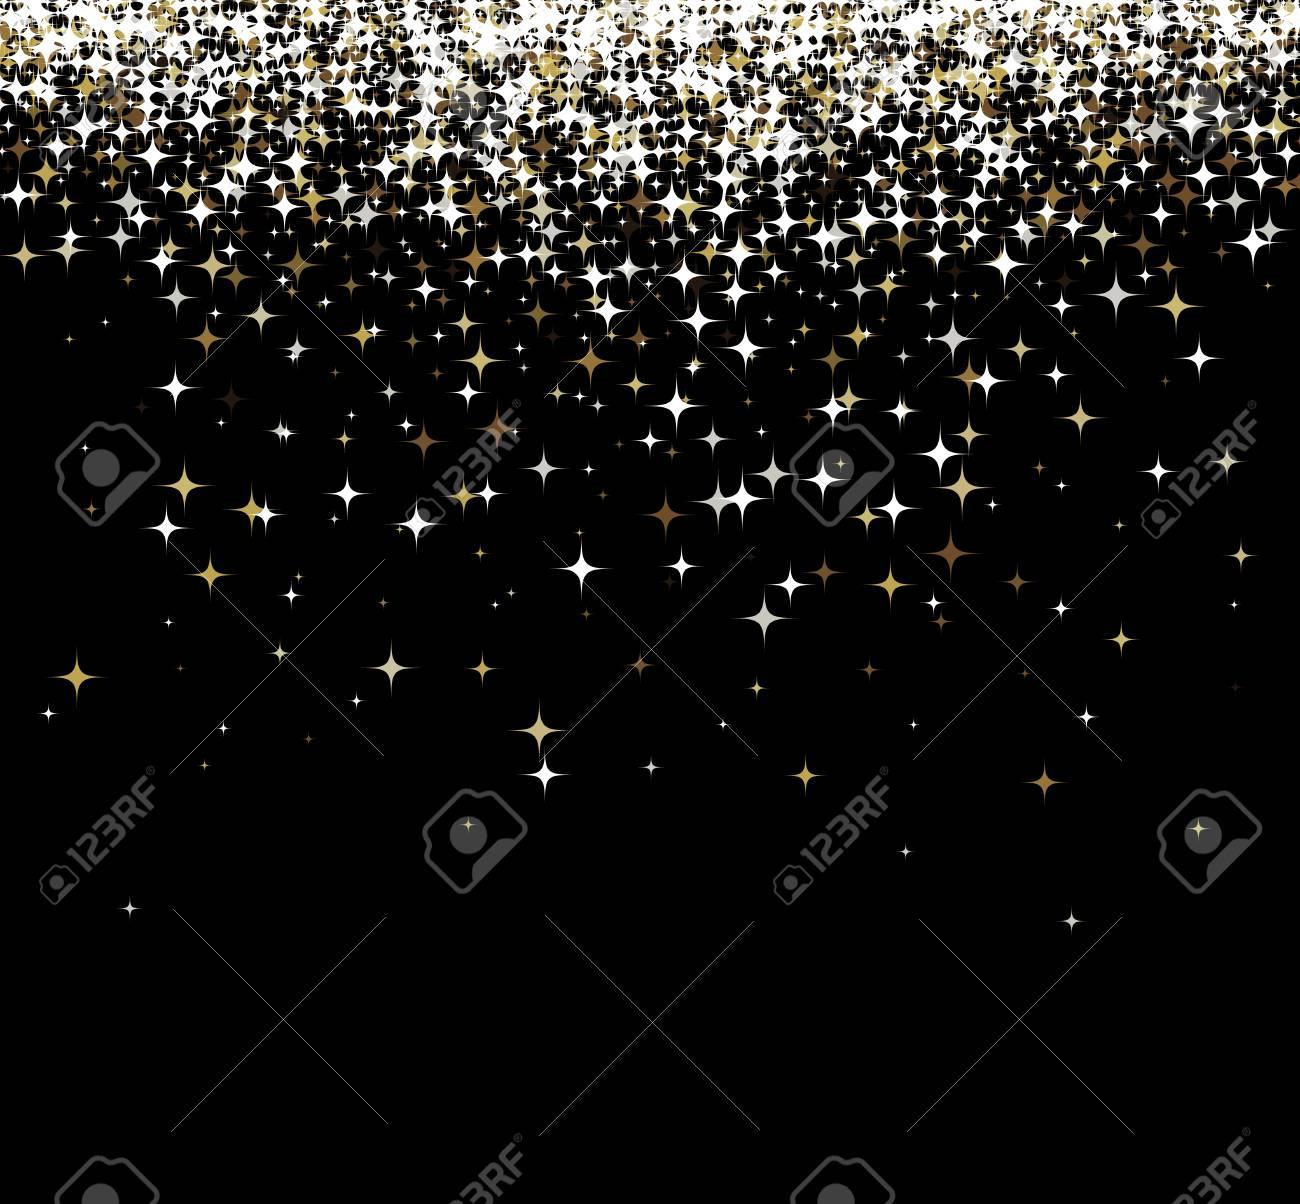 fond noir brillant avec des etoiles d or vector illustration